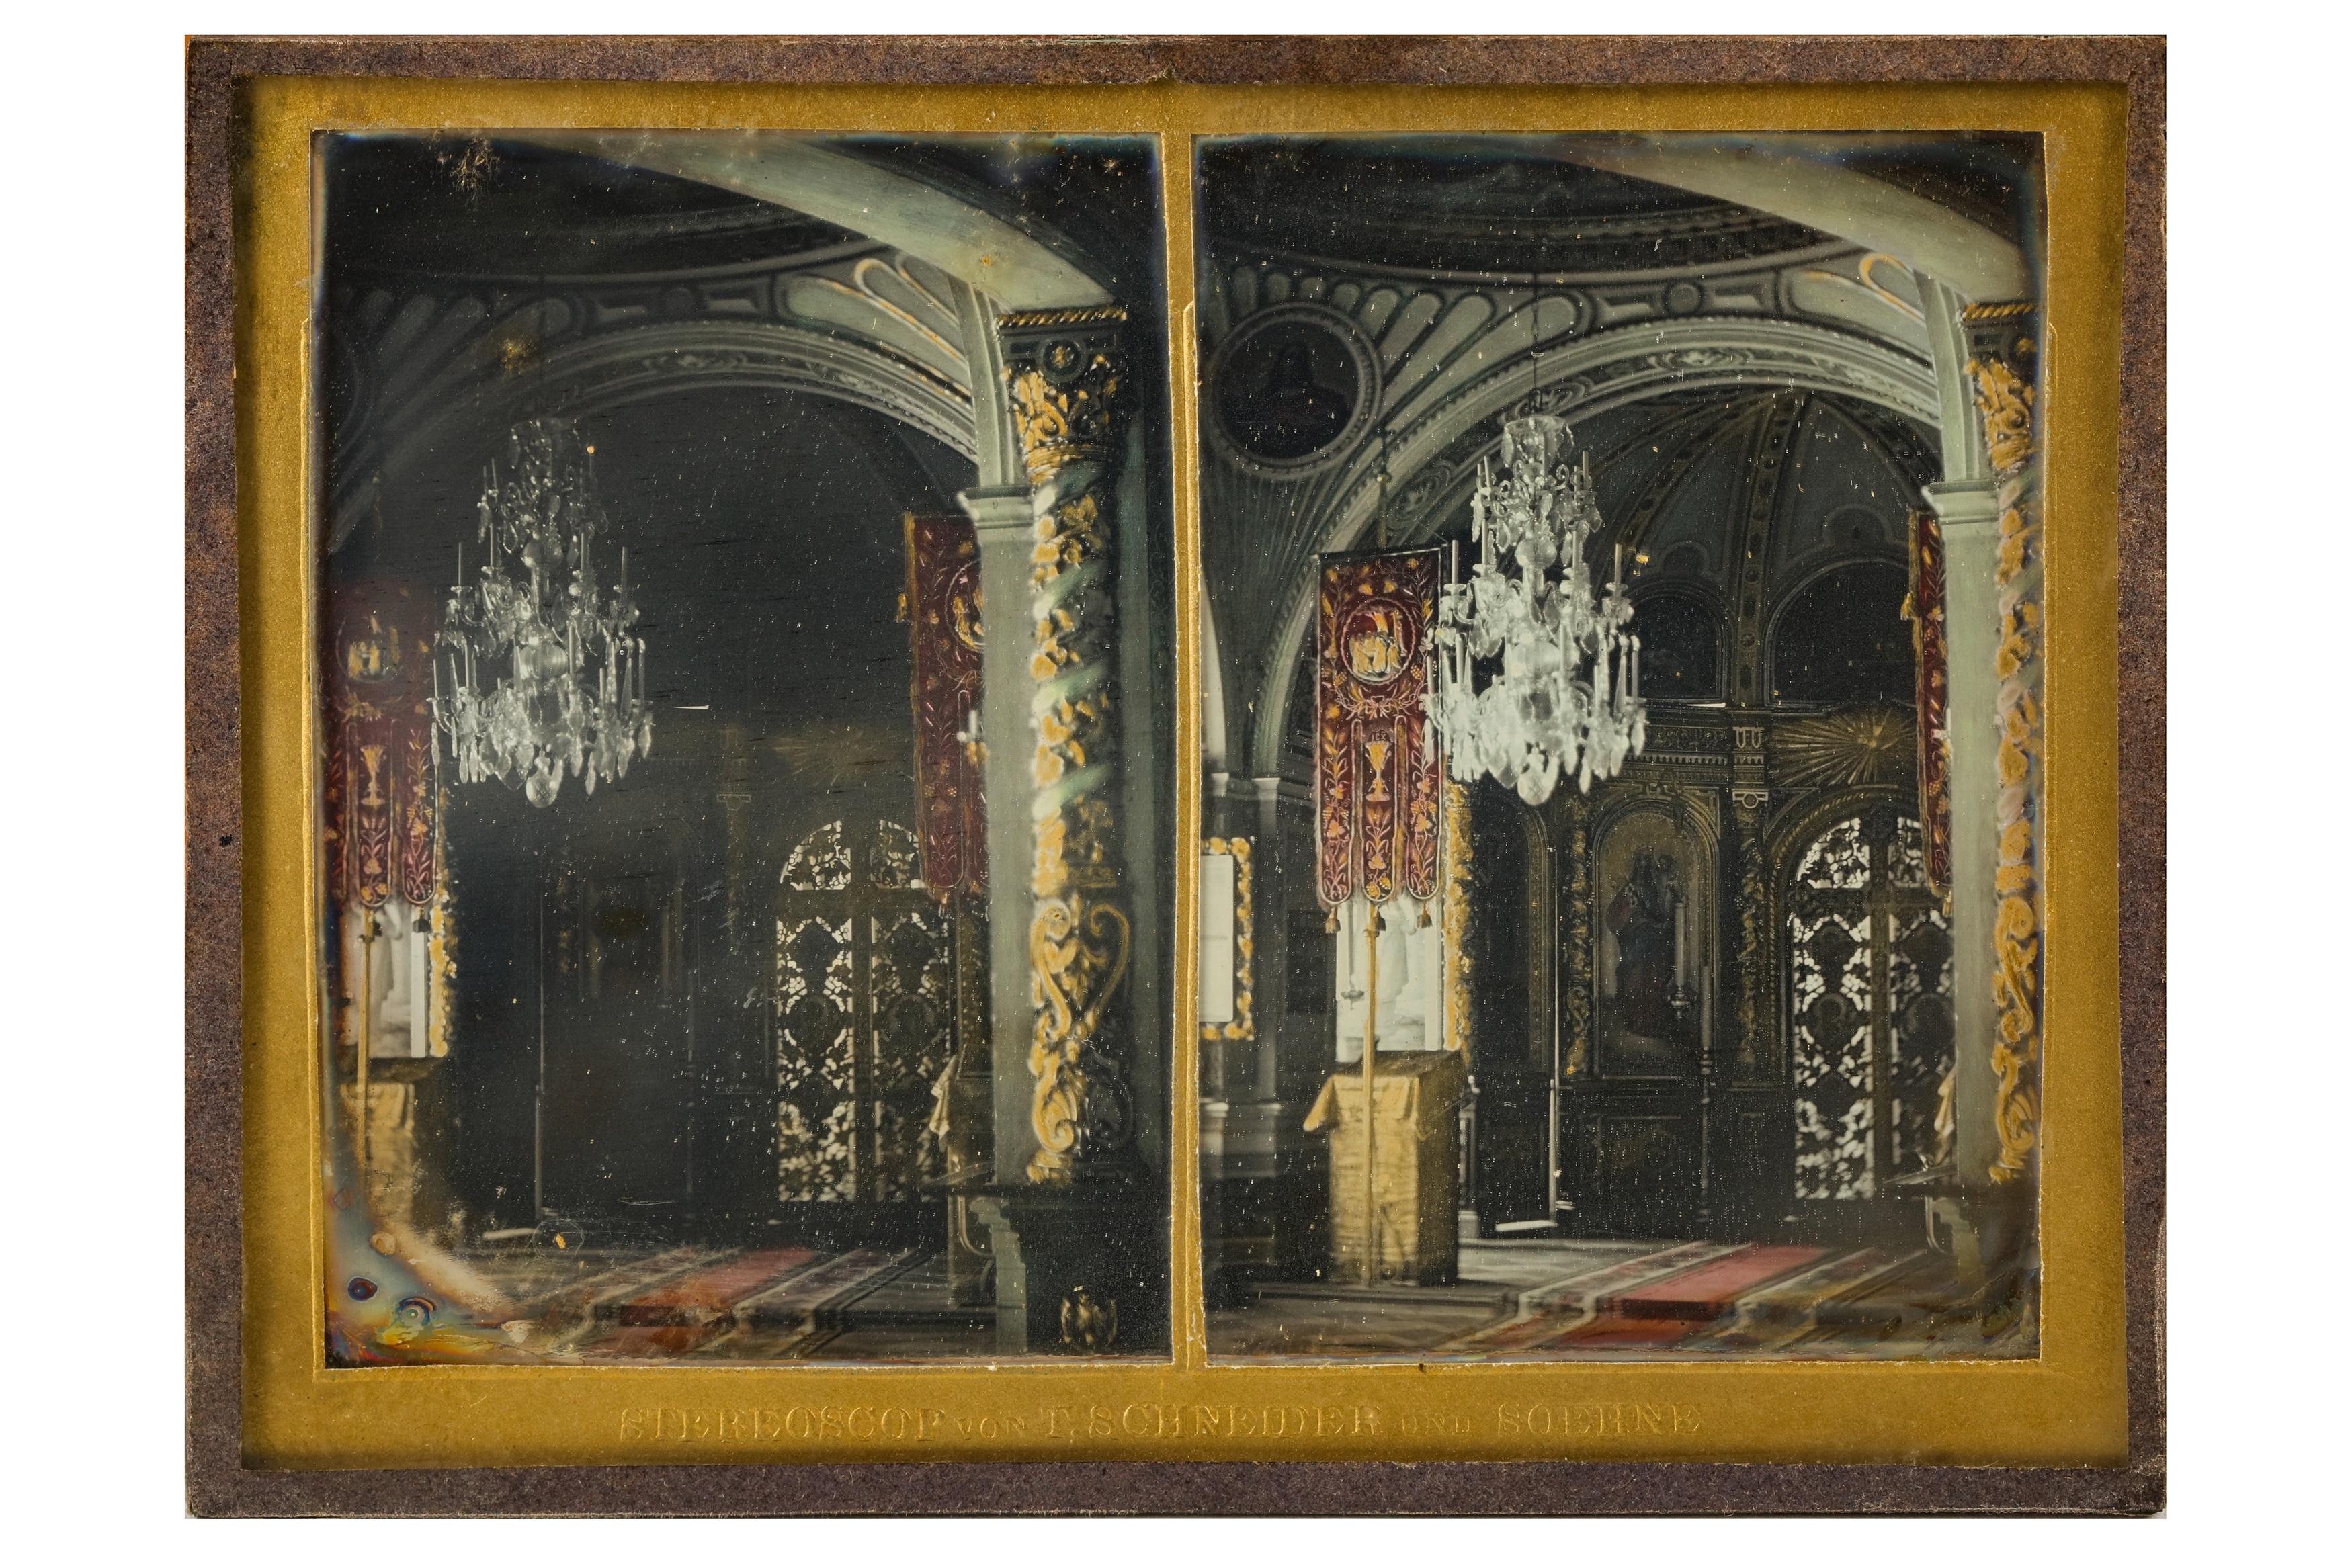 T. SCHNEIDER & SONS (1847-1921) - Image 17 of 22